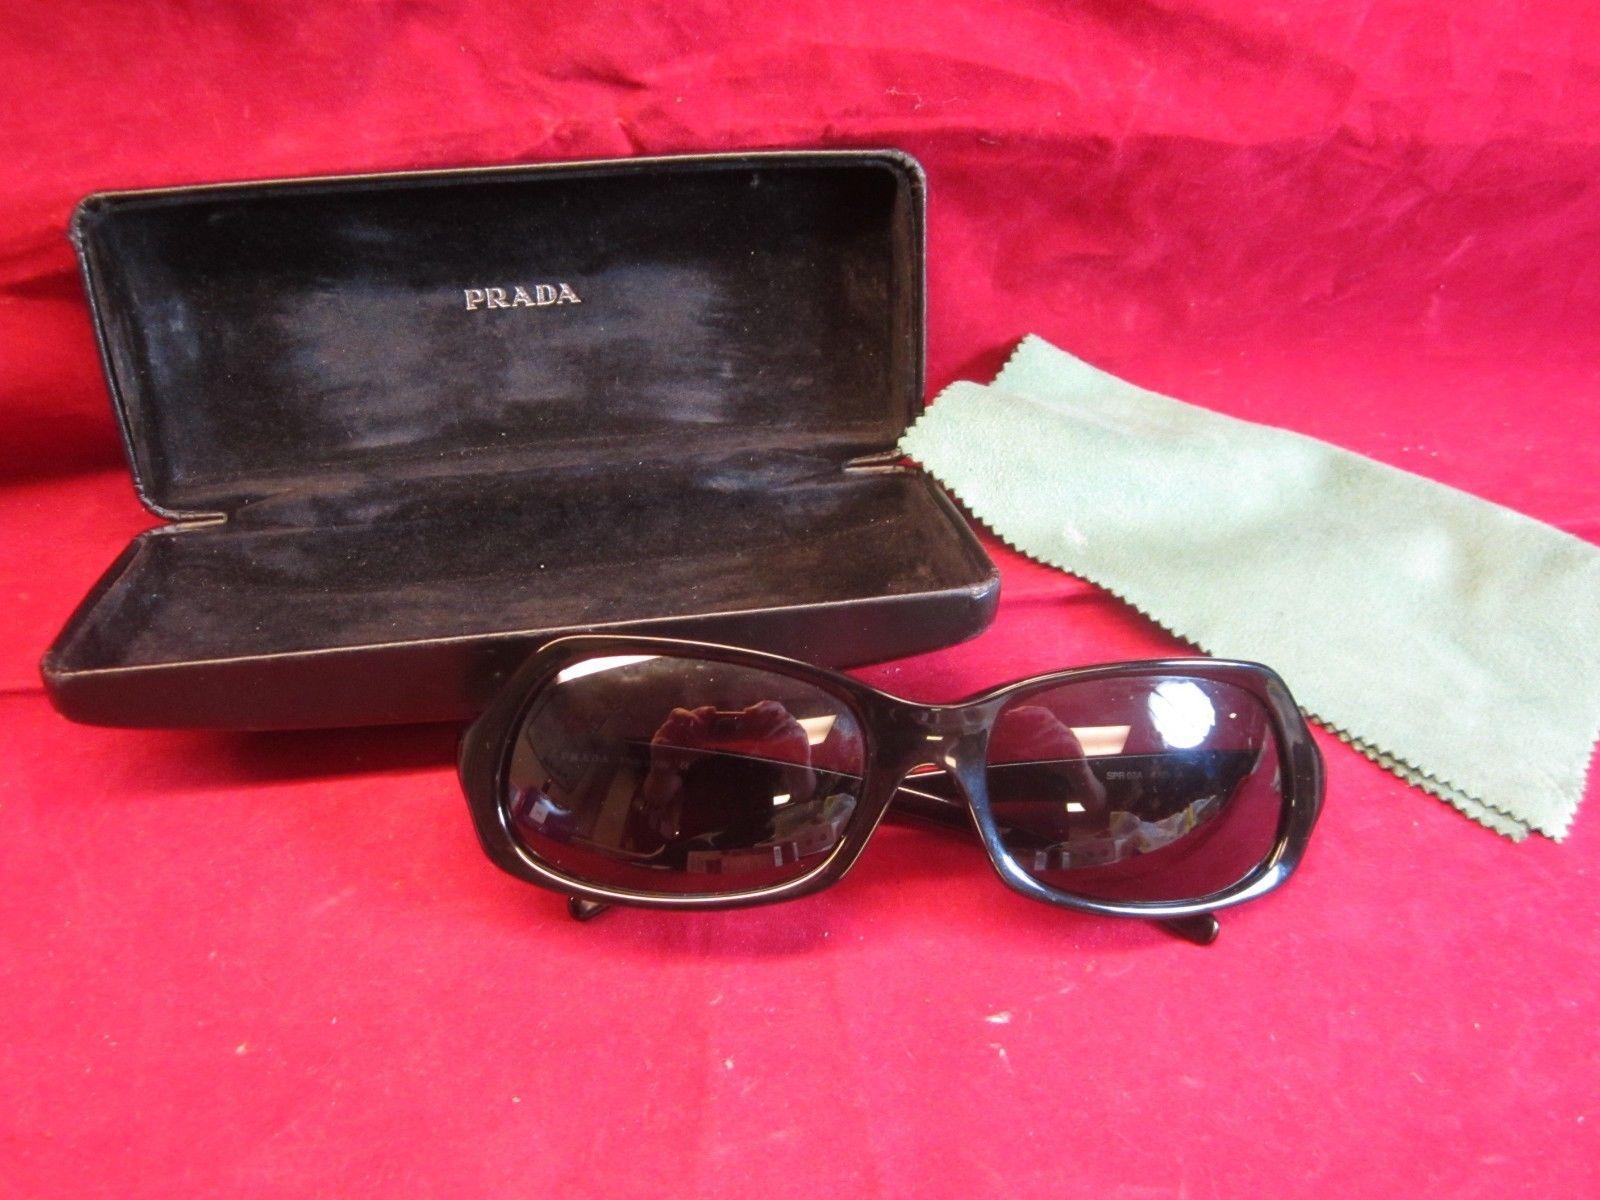 e765255990 S l1600. S l1600. Previous. Black Prada Unisex Over-Sized Rectangle Sunglasses  SPR 07A - EXC w Case